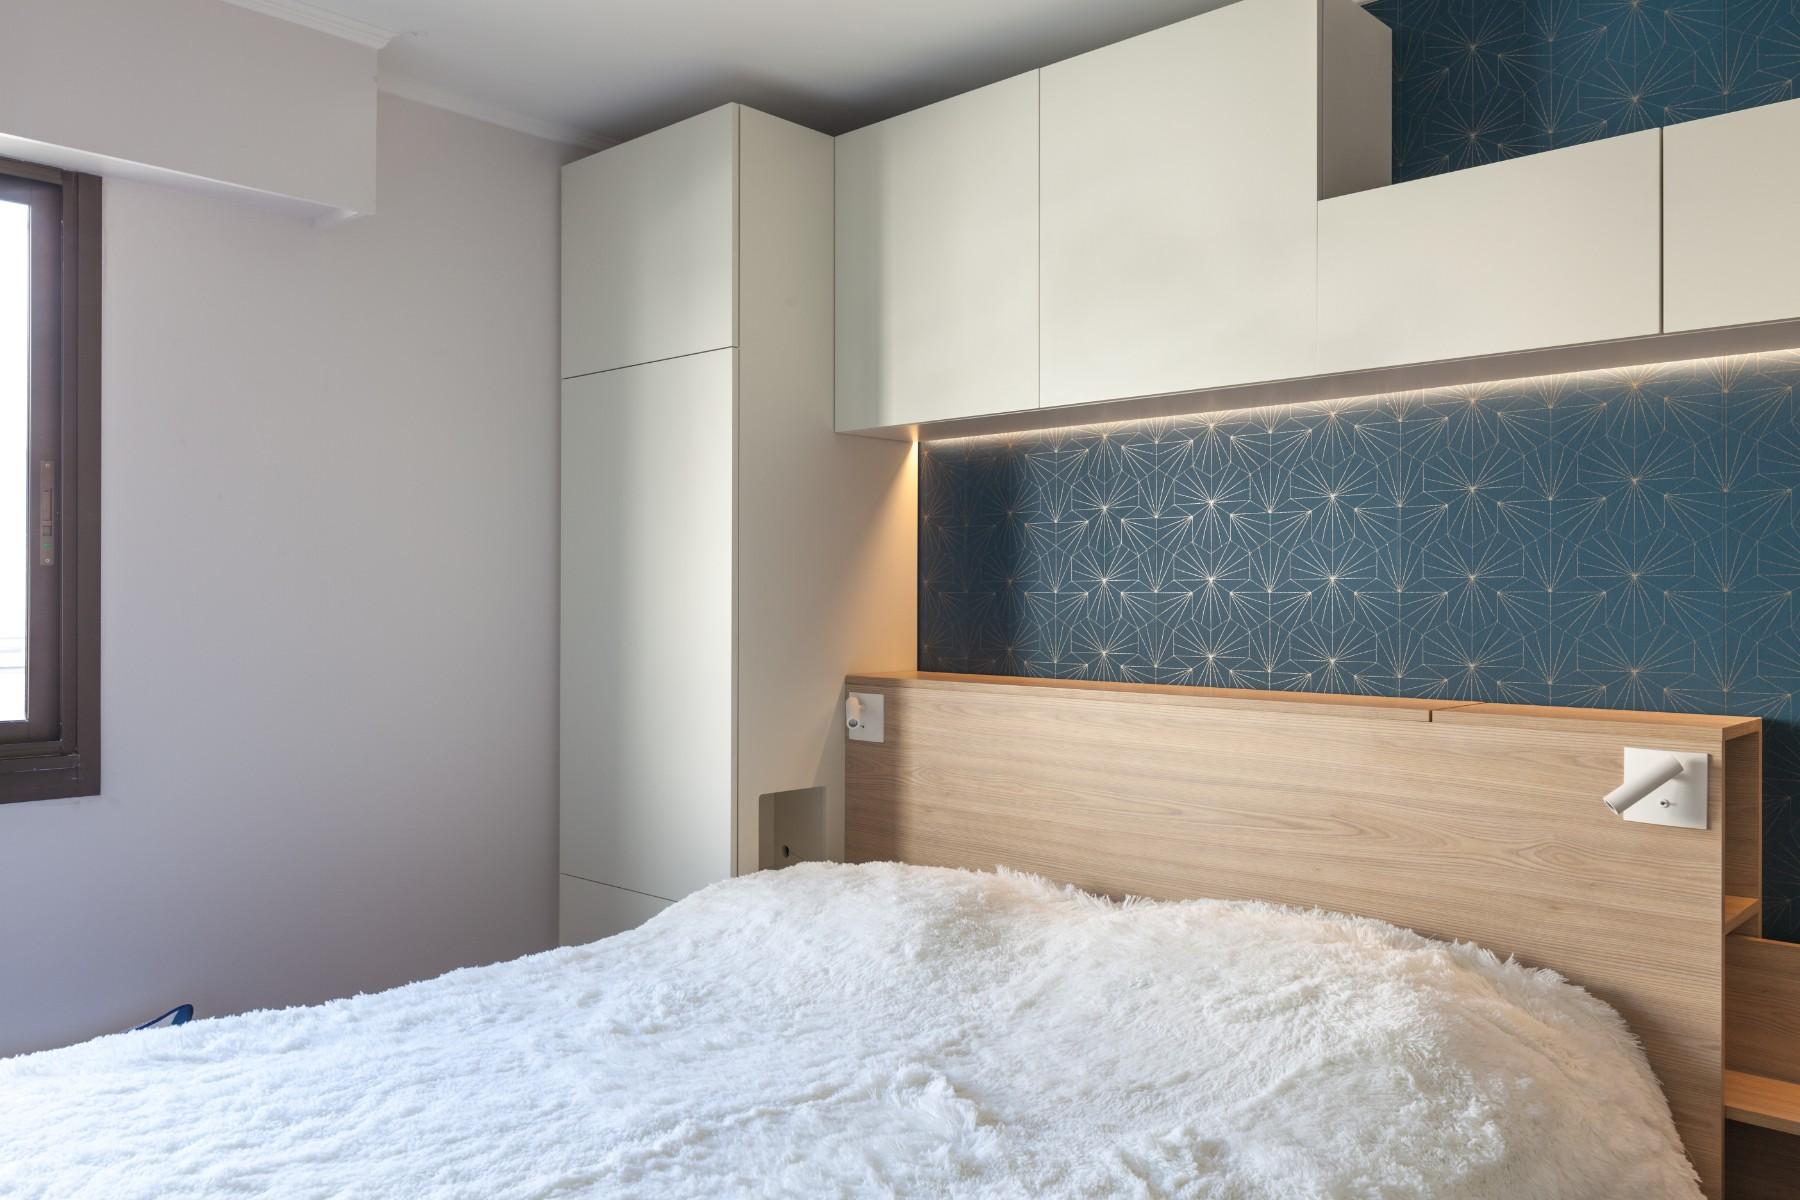 Rénovation d'un appartement dans Paris - la chambre modernisée grâce à Archibien